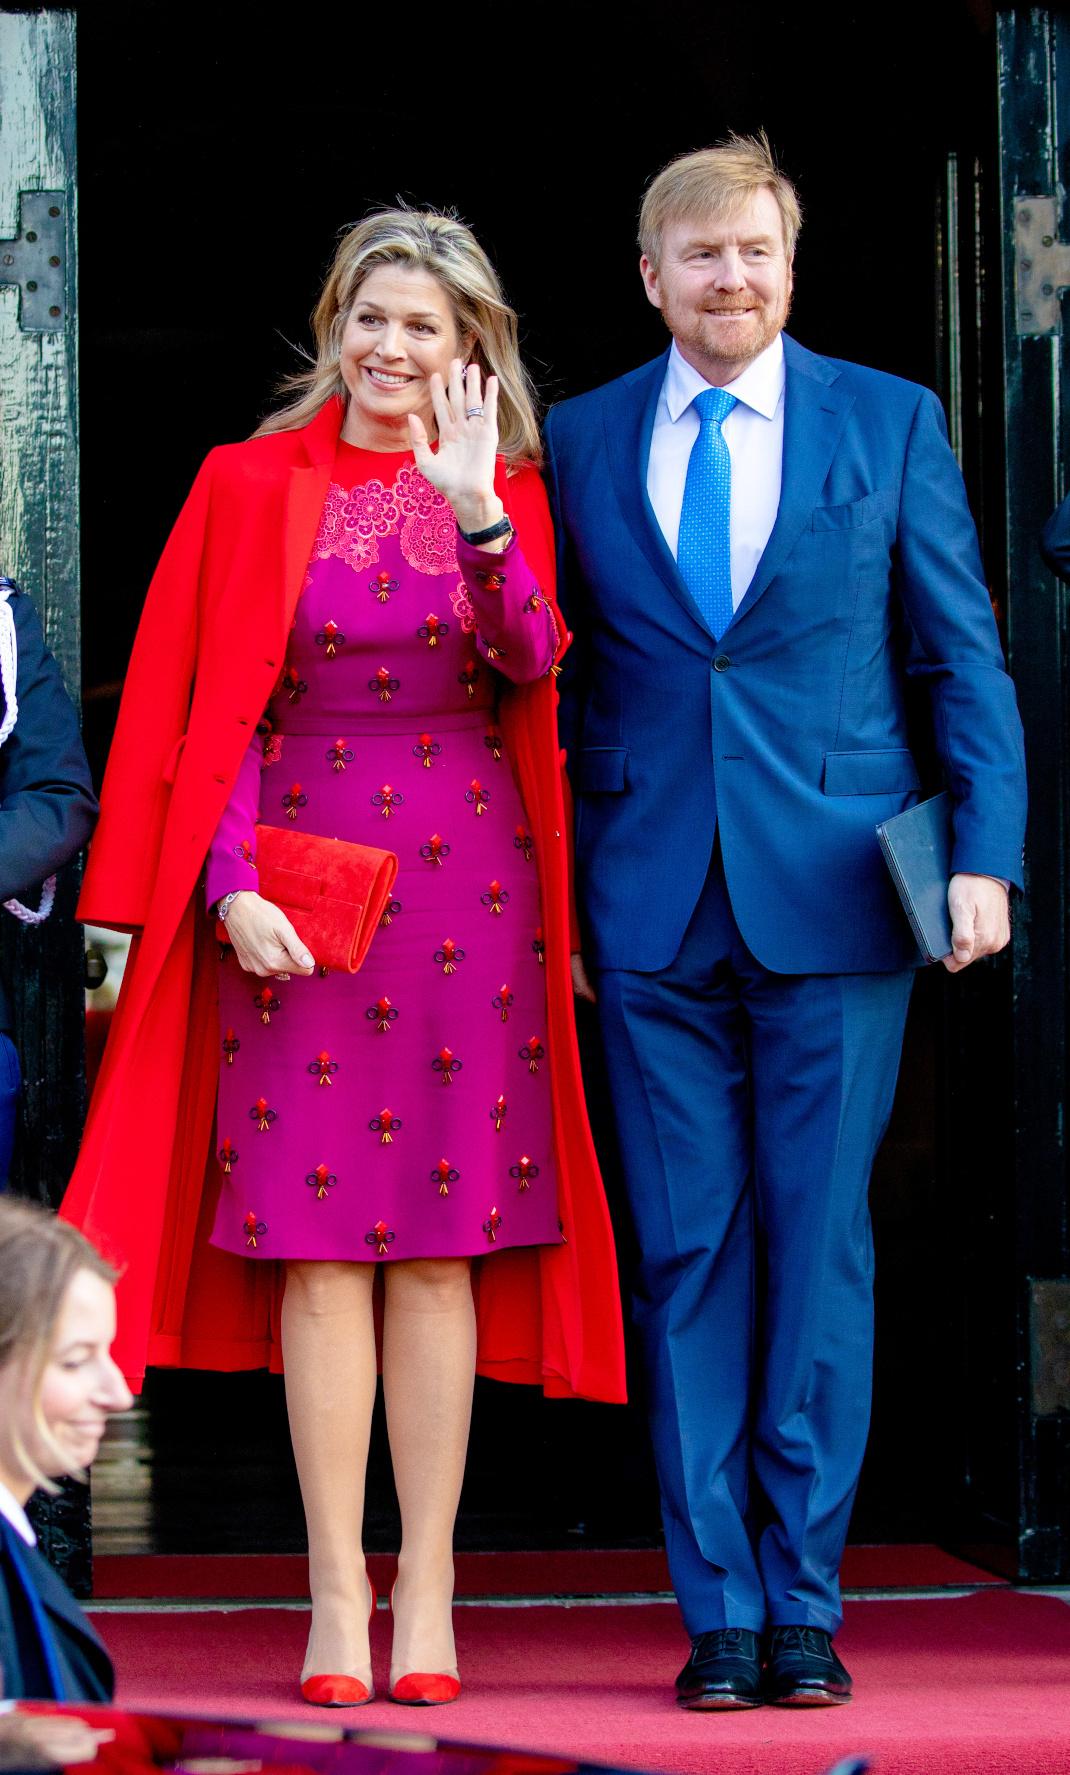 Η βασίλισσα Μάξιμα έκανε ένα υπέροχο color blocking